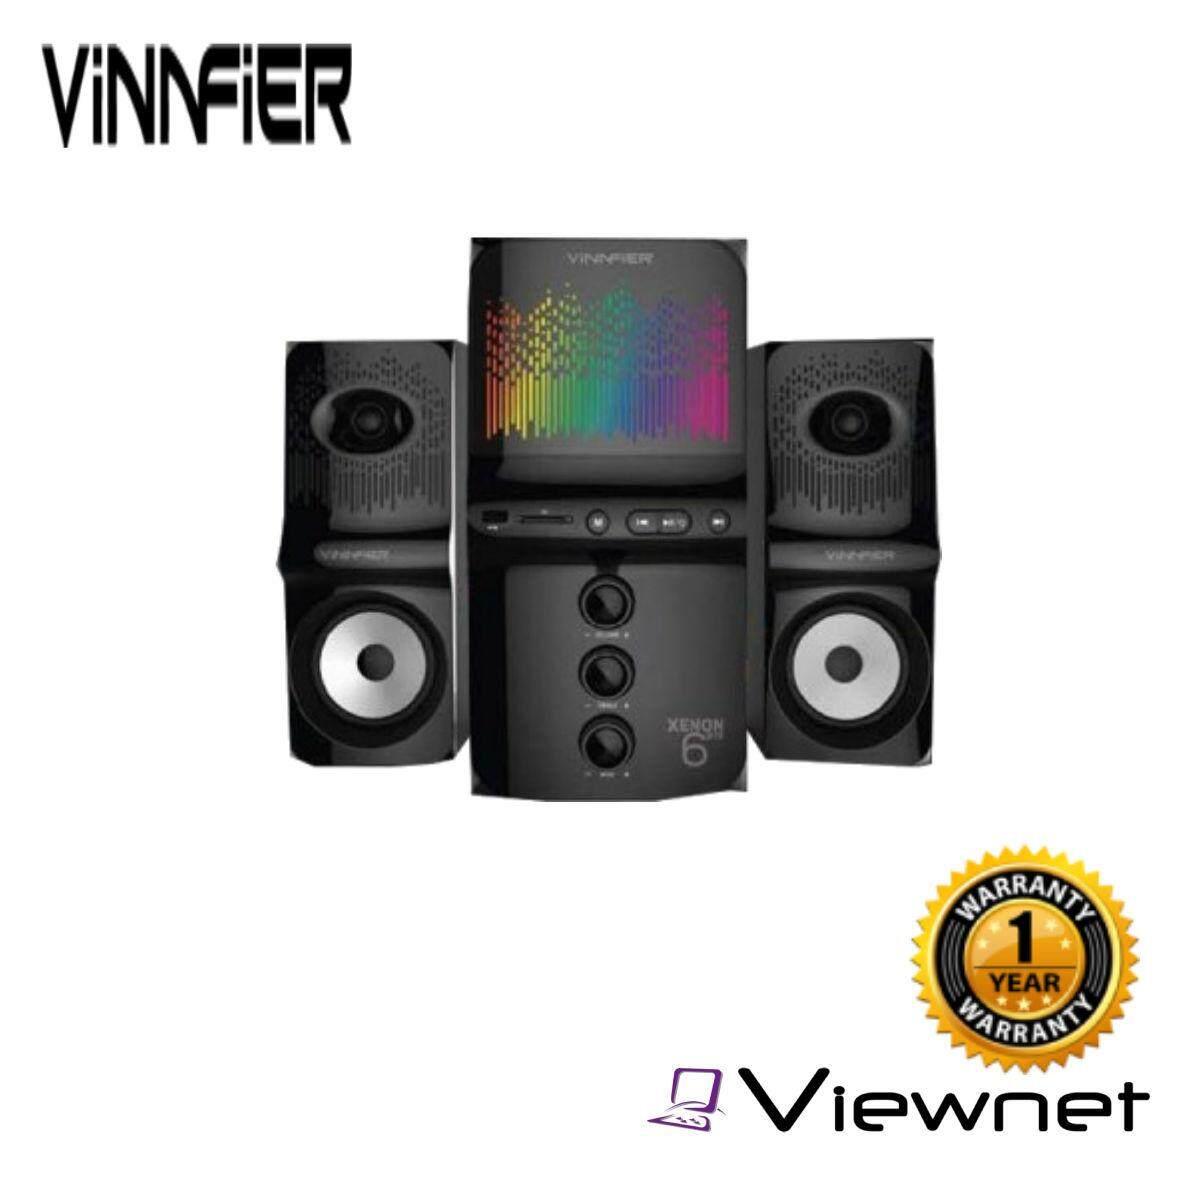 Vinnfier Ether 6 BTR 2.1 Bluetooth Speaker